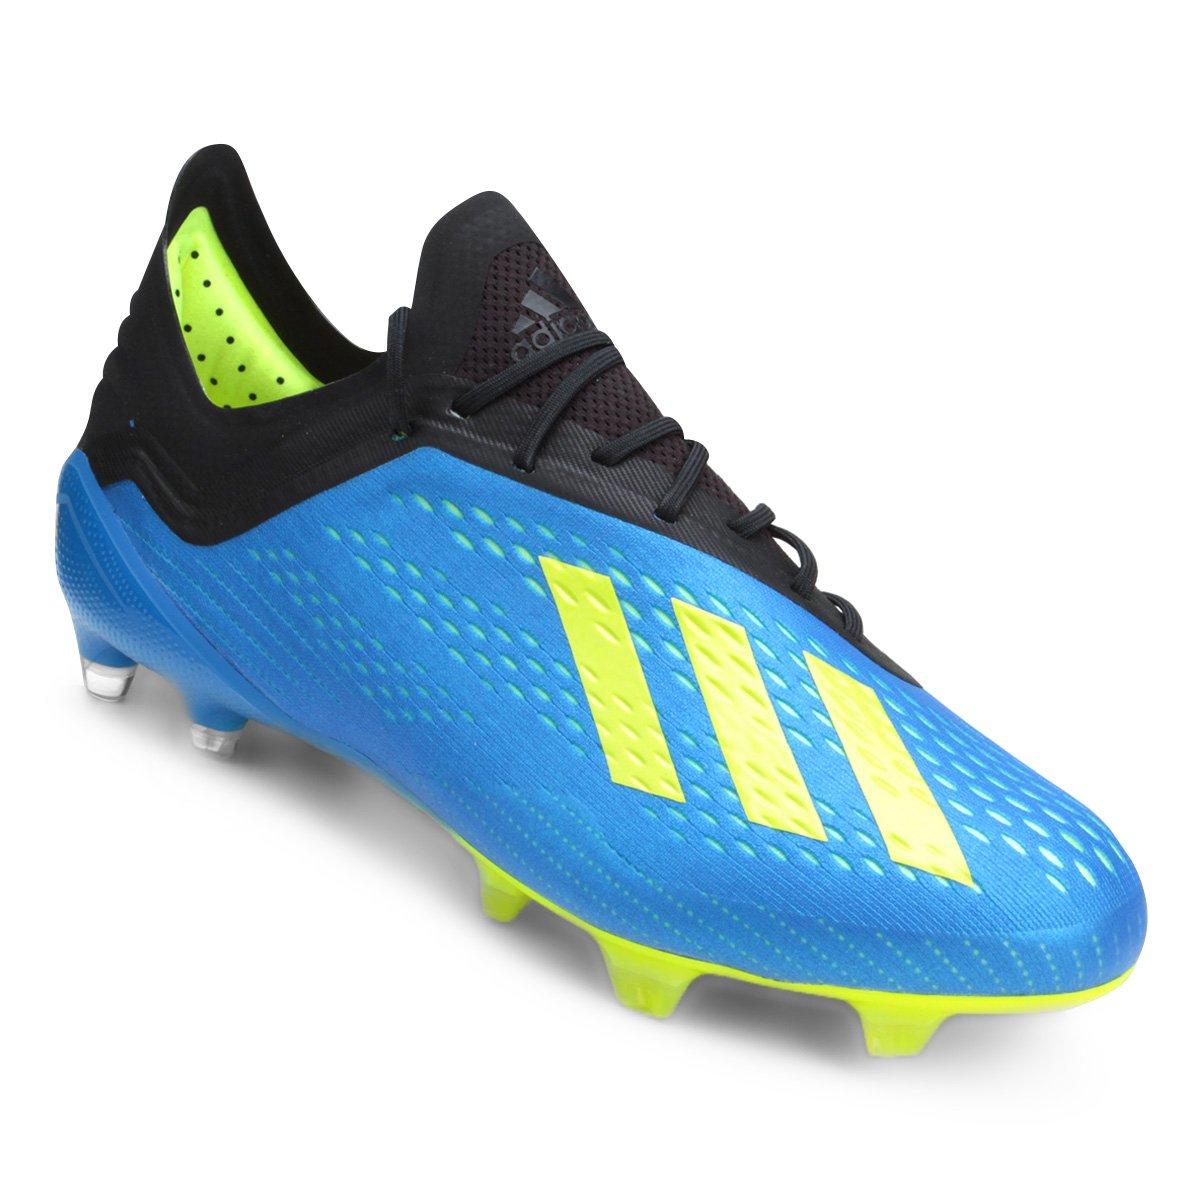 Chuteira Campo Adidas X 18 1 FG - Compre Agora  01c1424b739ab